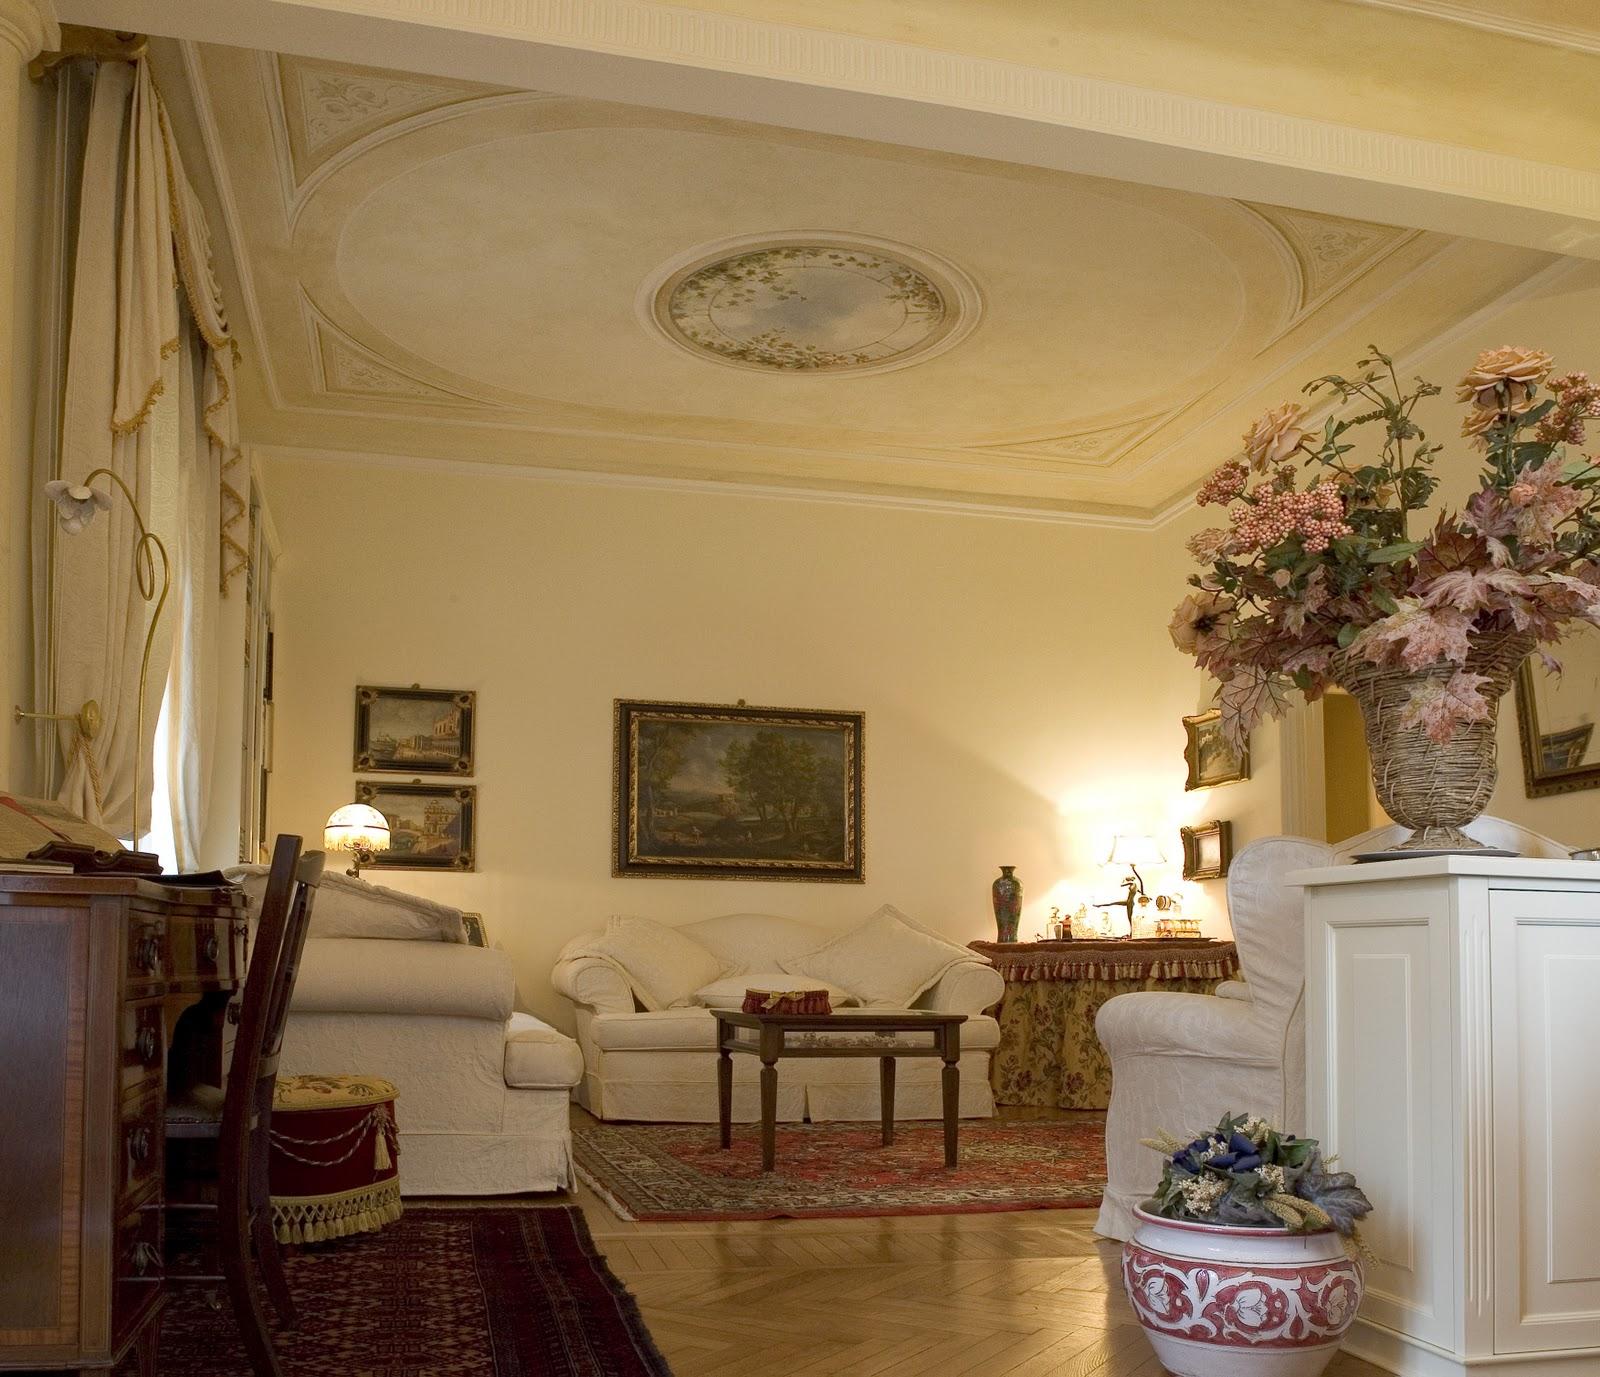 Free free arredamento moderno casa antica ispirazione di for Arredamento casa classico